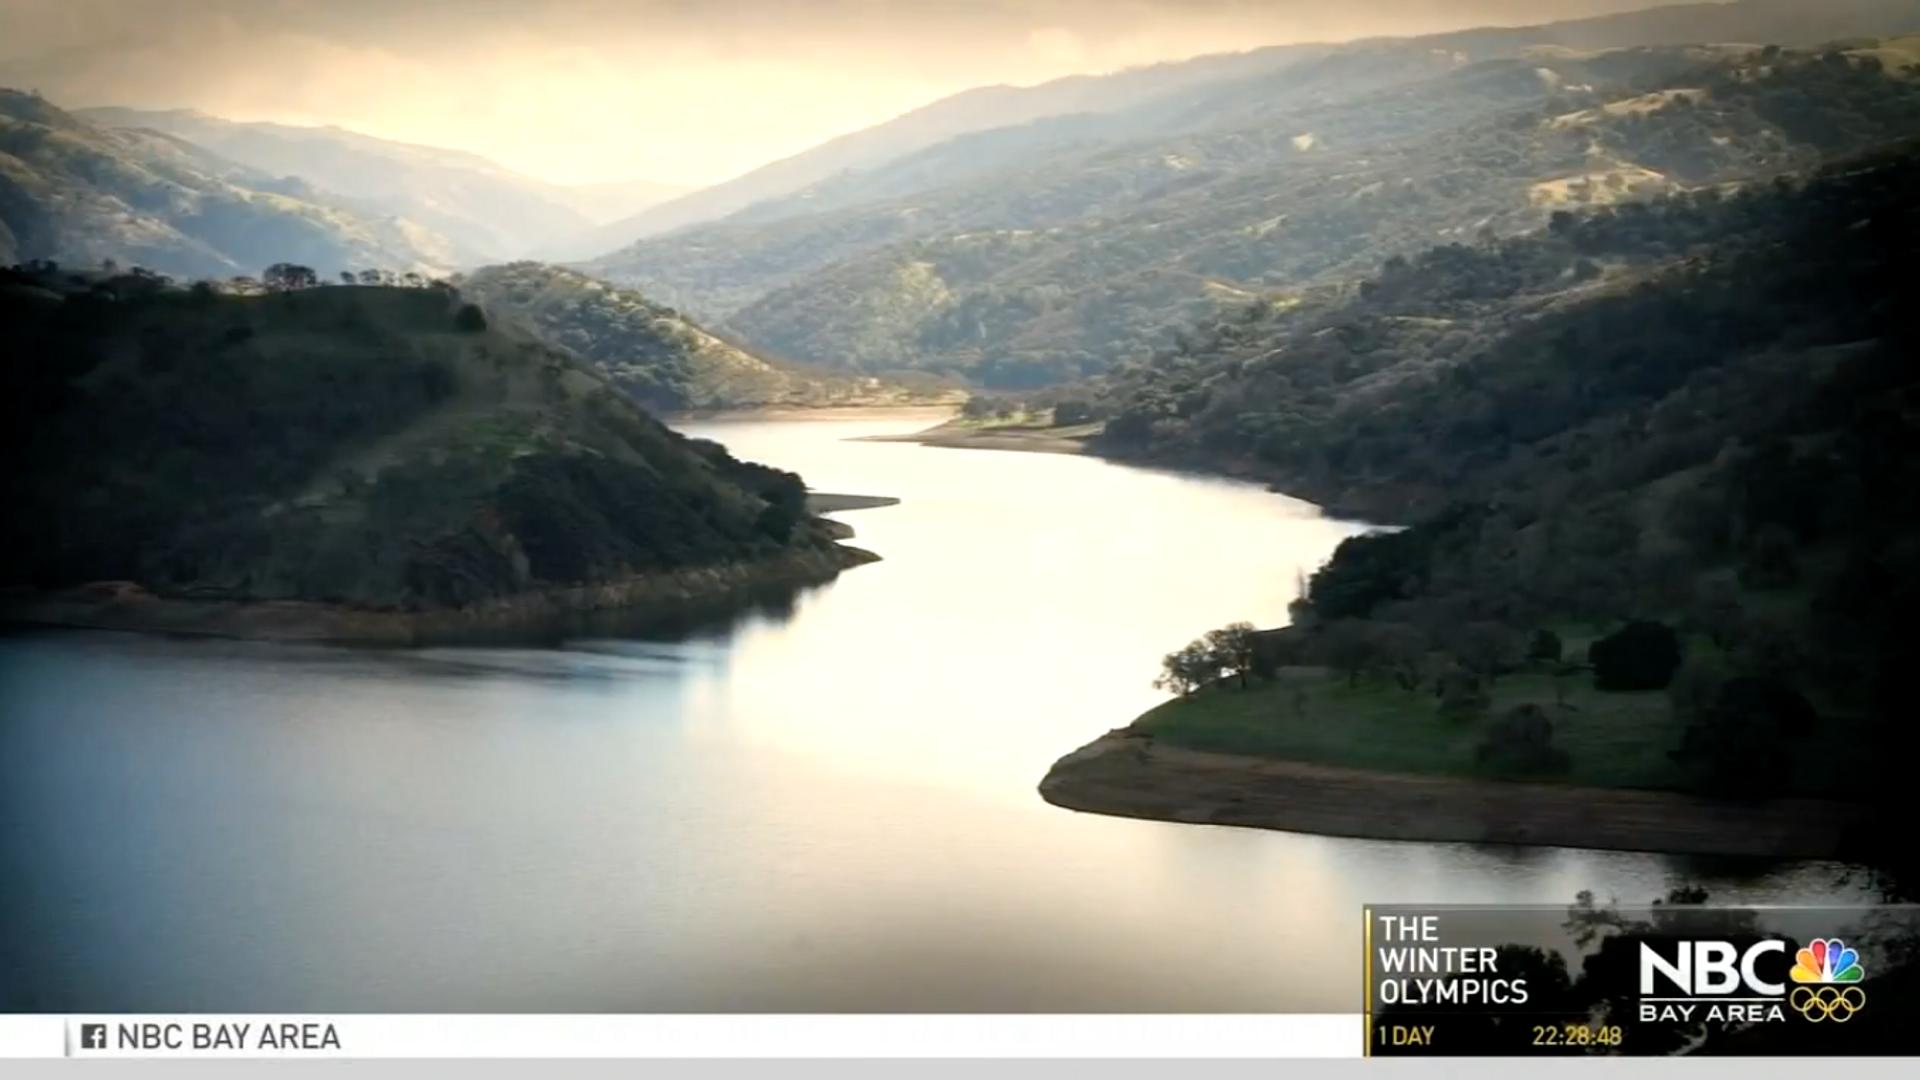 Seven Dams at Risk